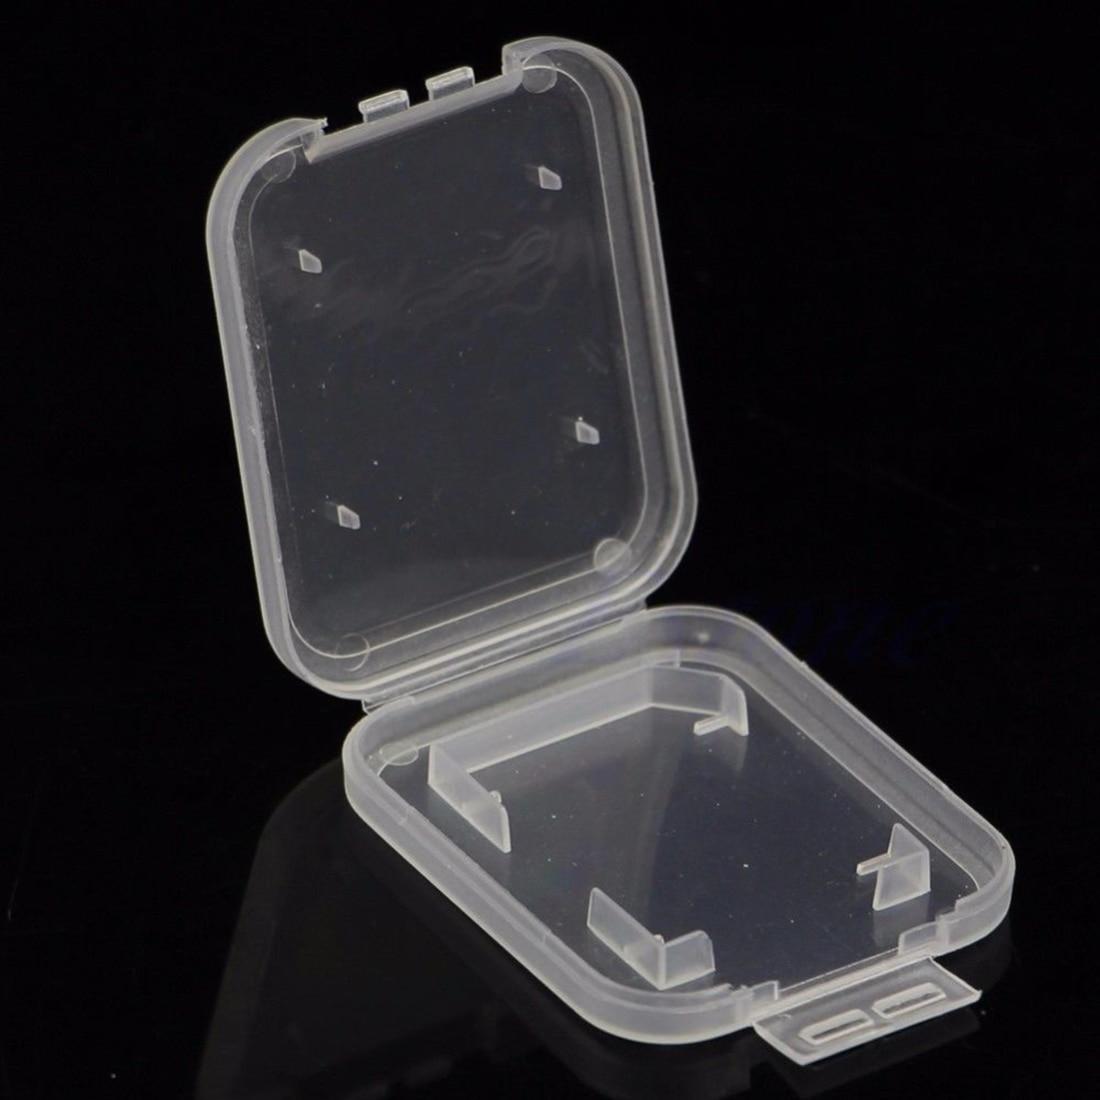 Image 3 - NOYOKERE Новый Лидер продаж 10 шт. SD SDHC держатель защитного кожуха карты памяти прозрачный пластиковый ящик для хранения-in Чехлы для карт памяти from Компьютер и офис